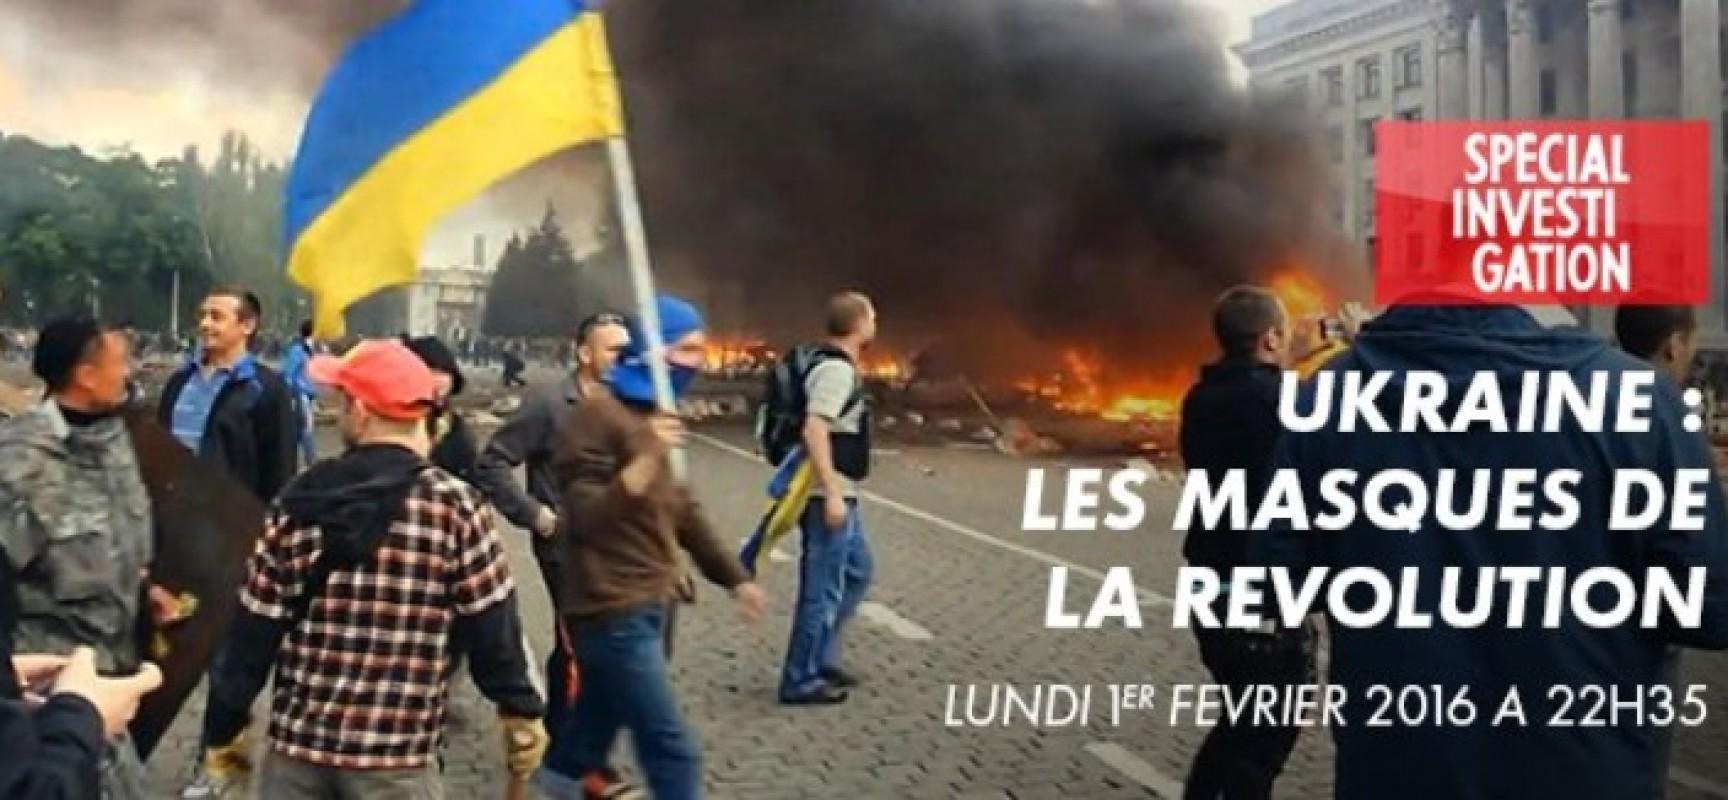 KhPG: Un réalisateur français met en forme le message de Poutine sur les « hordes fascistes » pour le public français